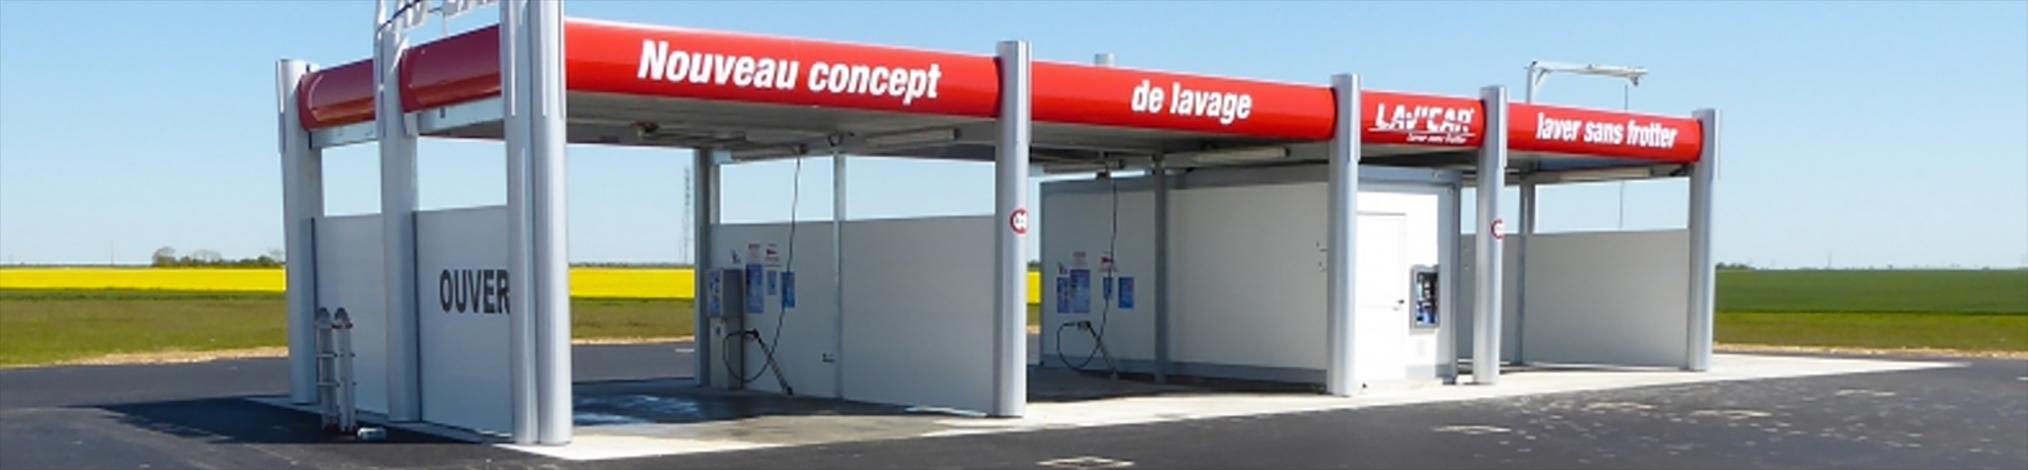 L'actualité des stations de lavage LAV'CAR